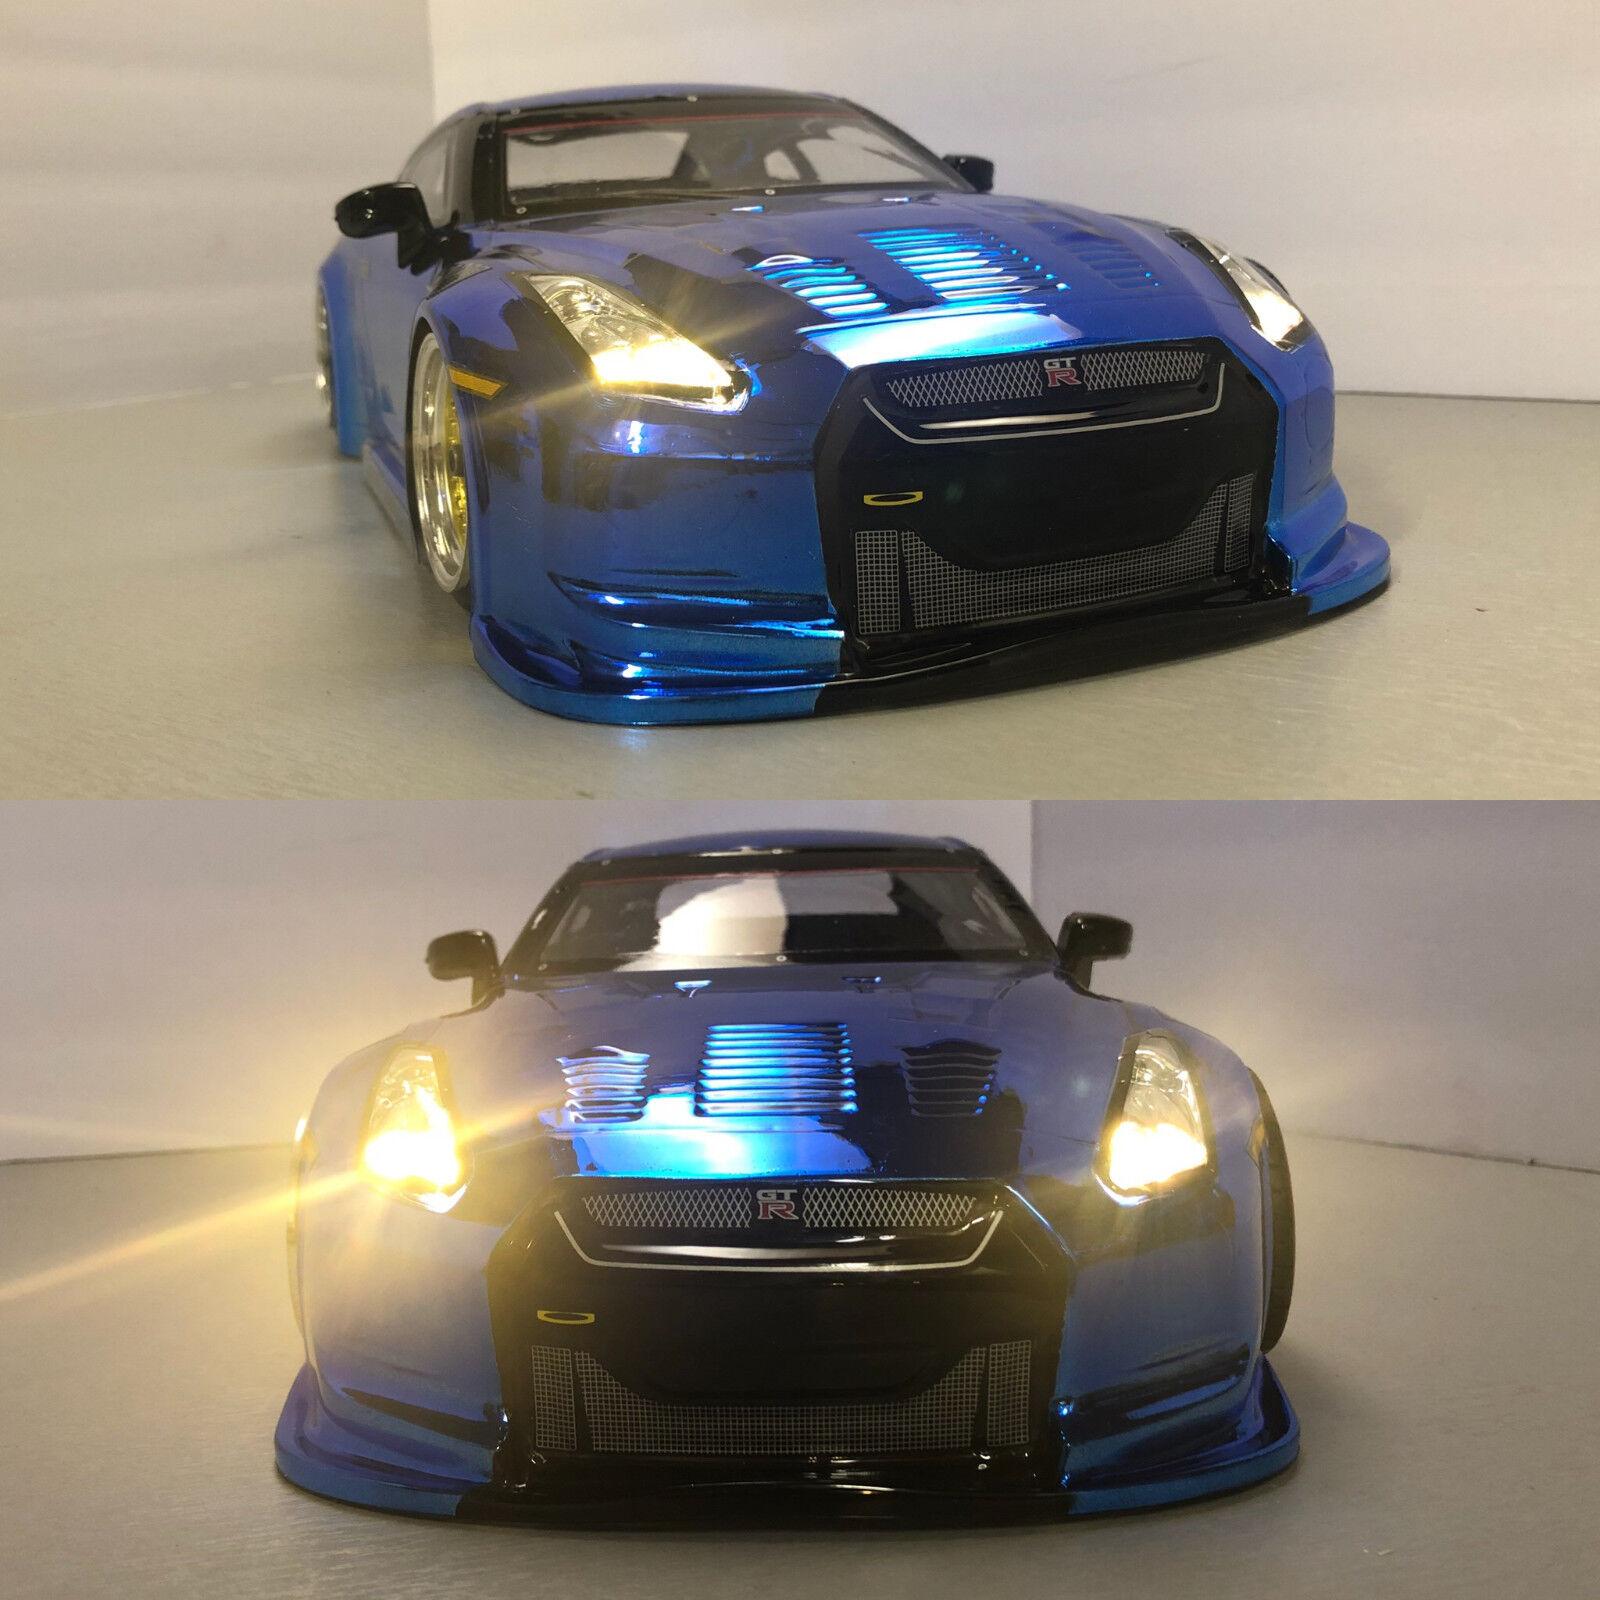 完全にカスタム1 / 10スケールのリモートドリフト制御車日産R 35 GTR青